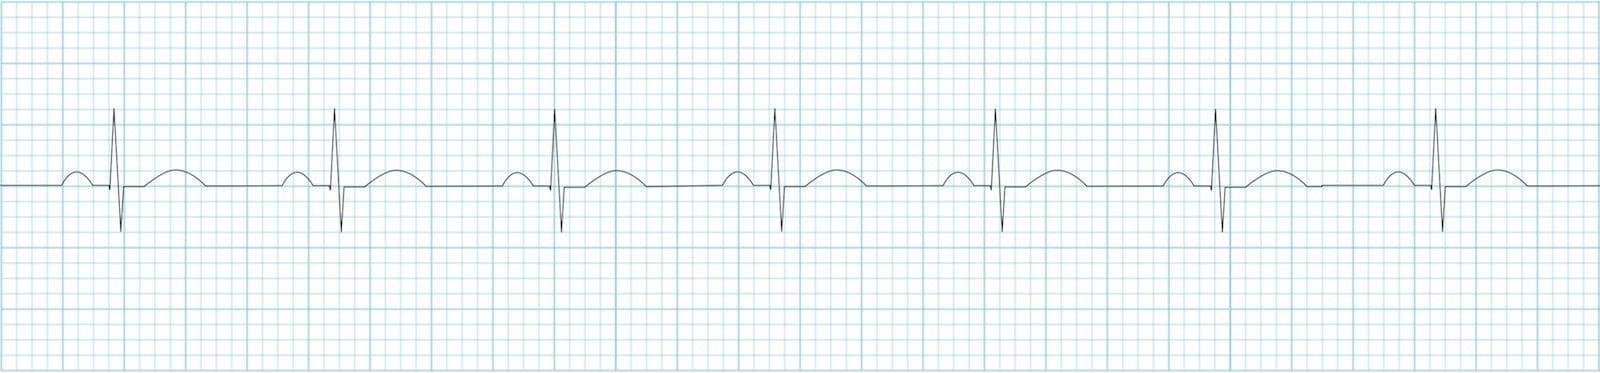 Я врач неотложной помощи, и я хочу поговорить о новой электрокардиограмме Apple Watch - 3